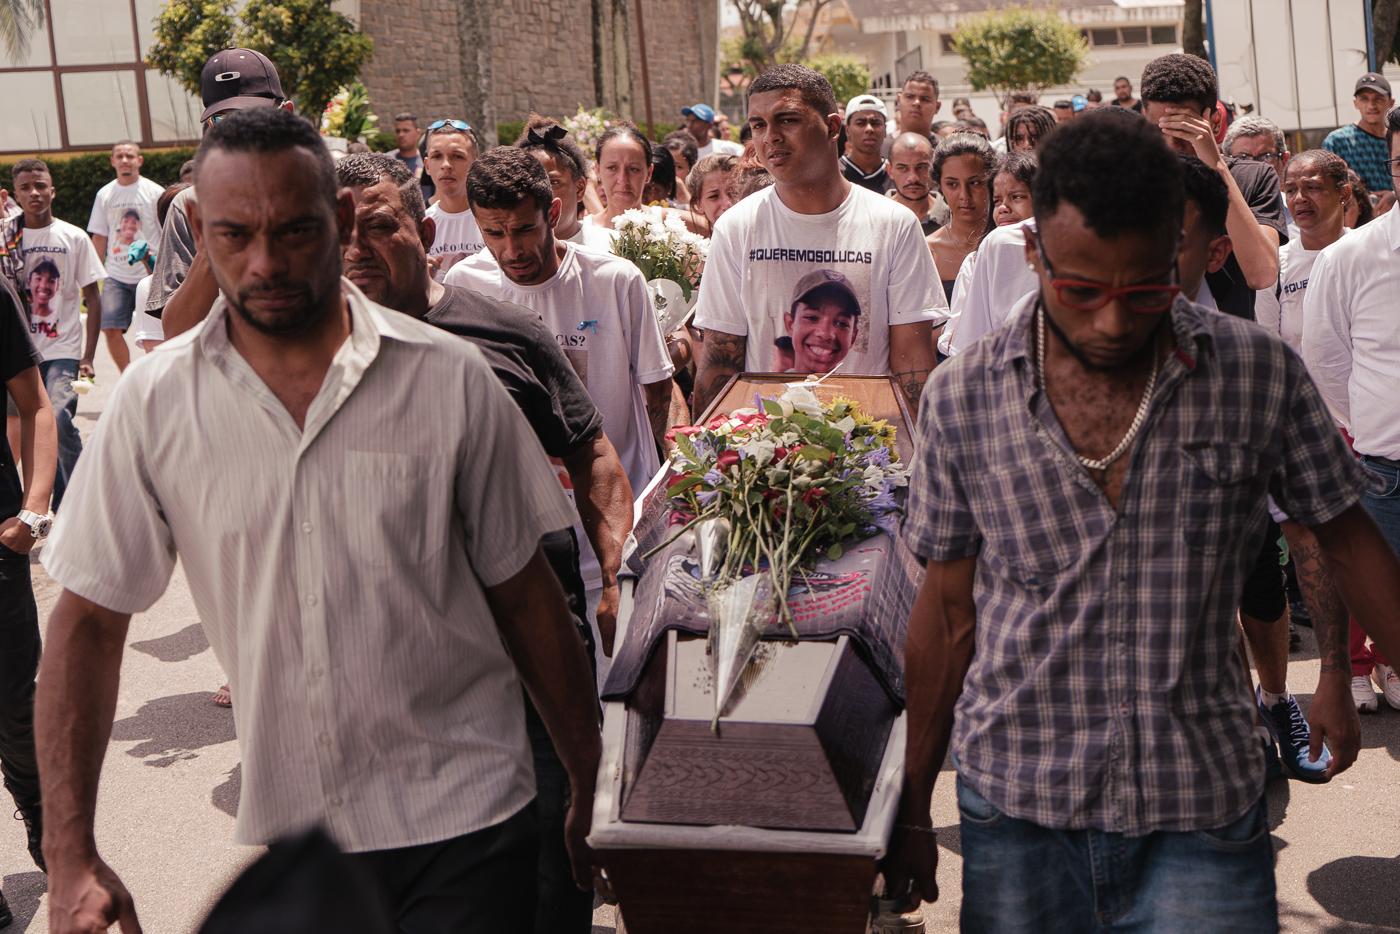 Похороны похищенного и убитого бразильской полицией подростка. Его мать арестована при даче показаний против убийц